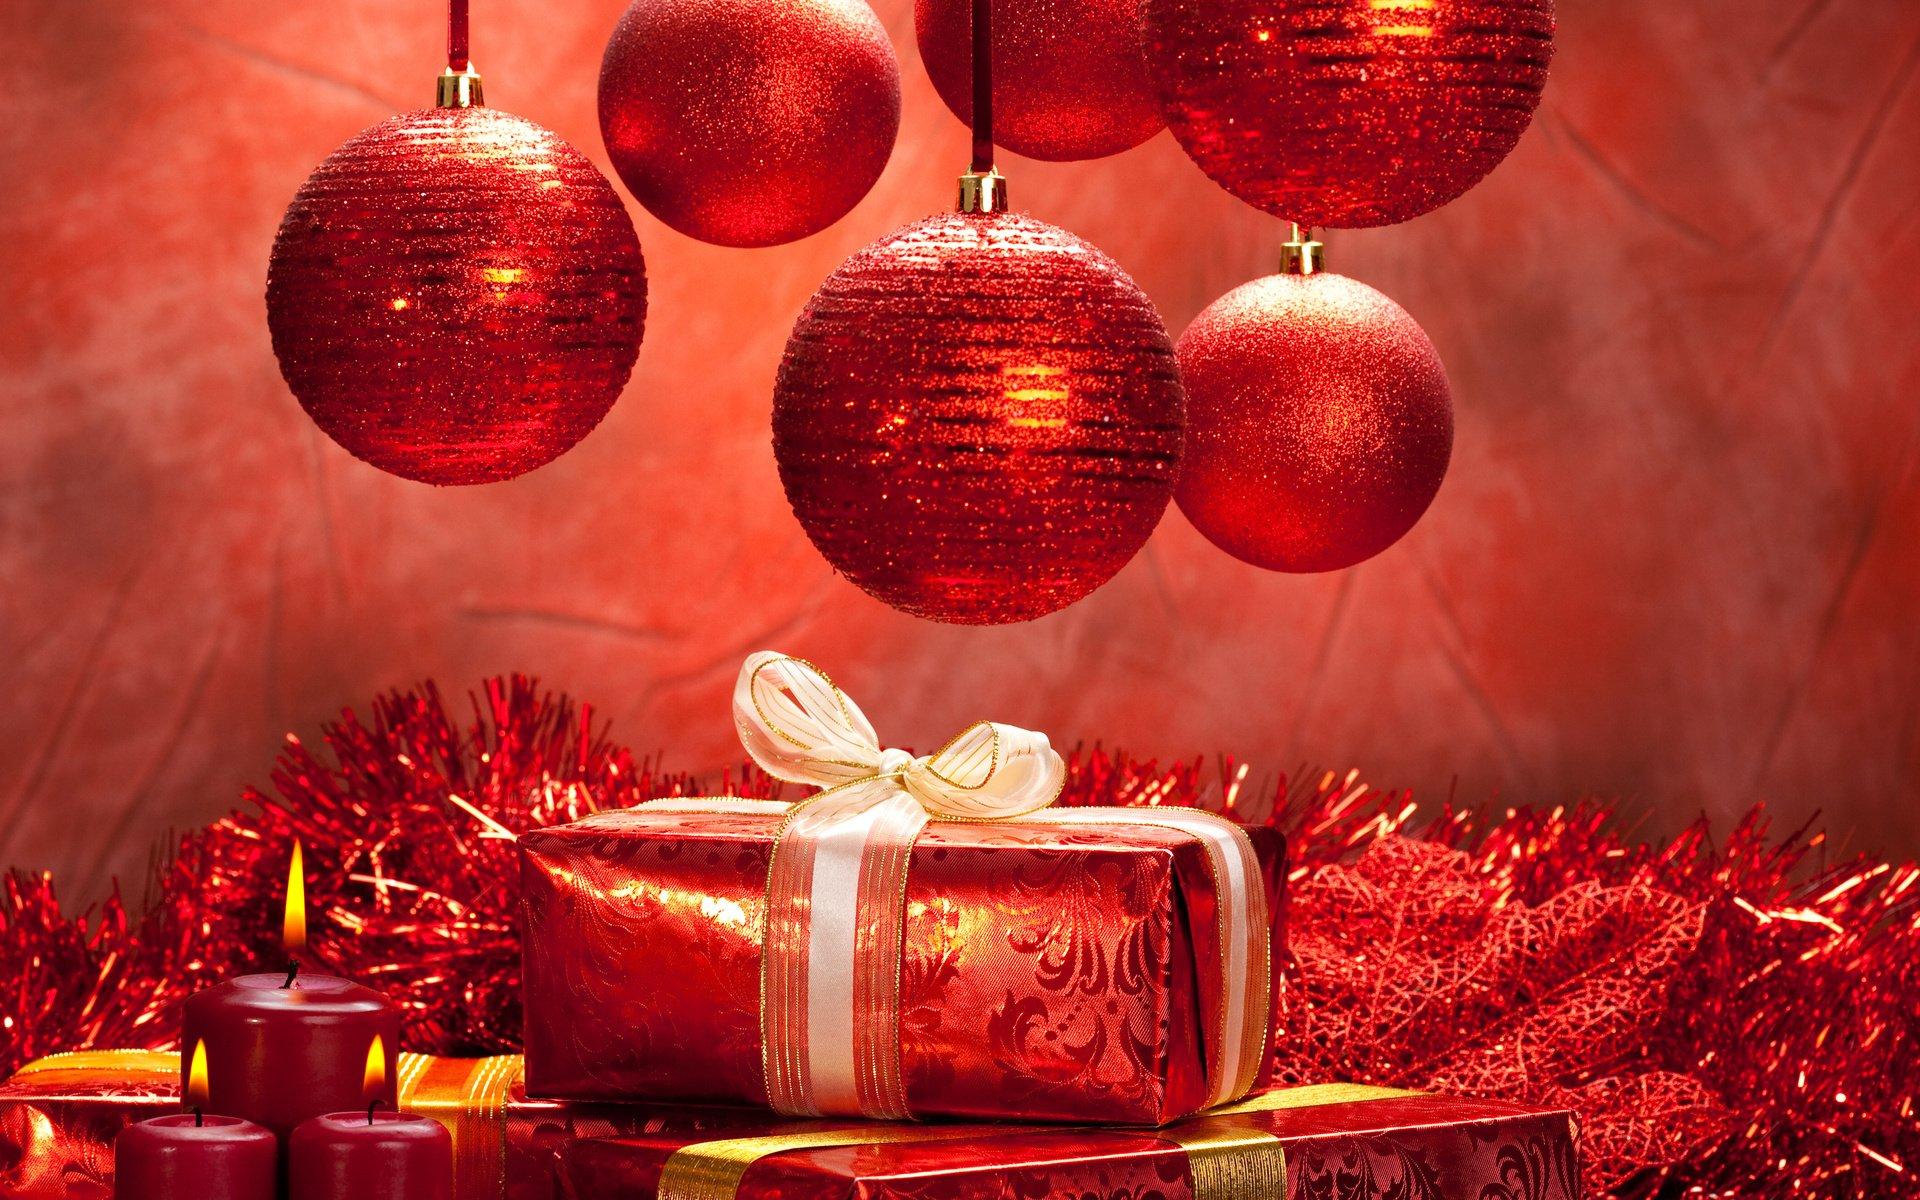 Открытку днем, новогодние картинки в красном цвете высокого разрешения